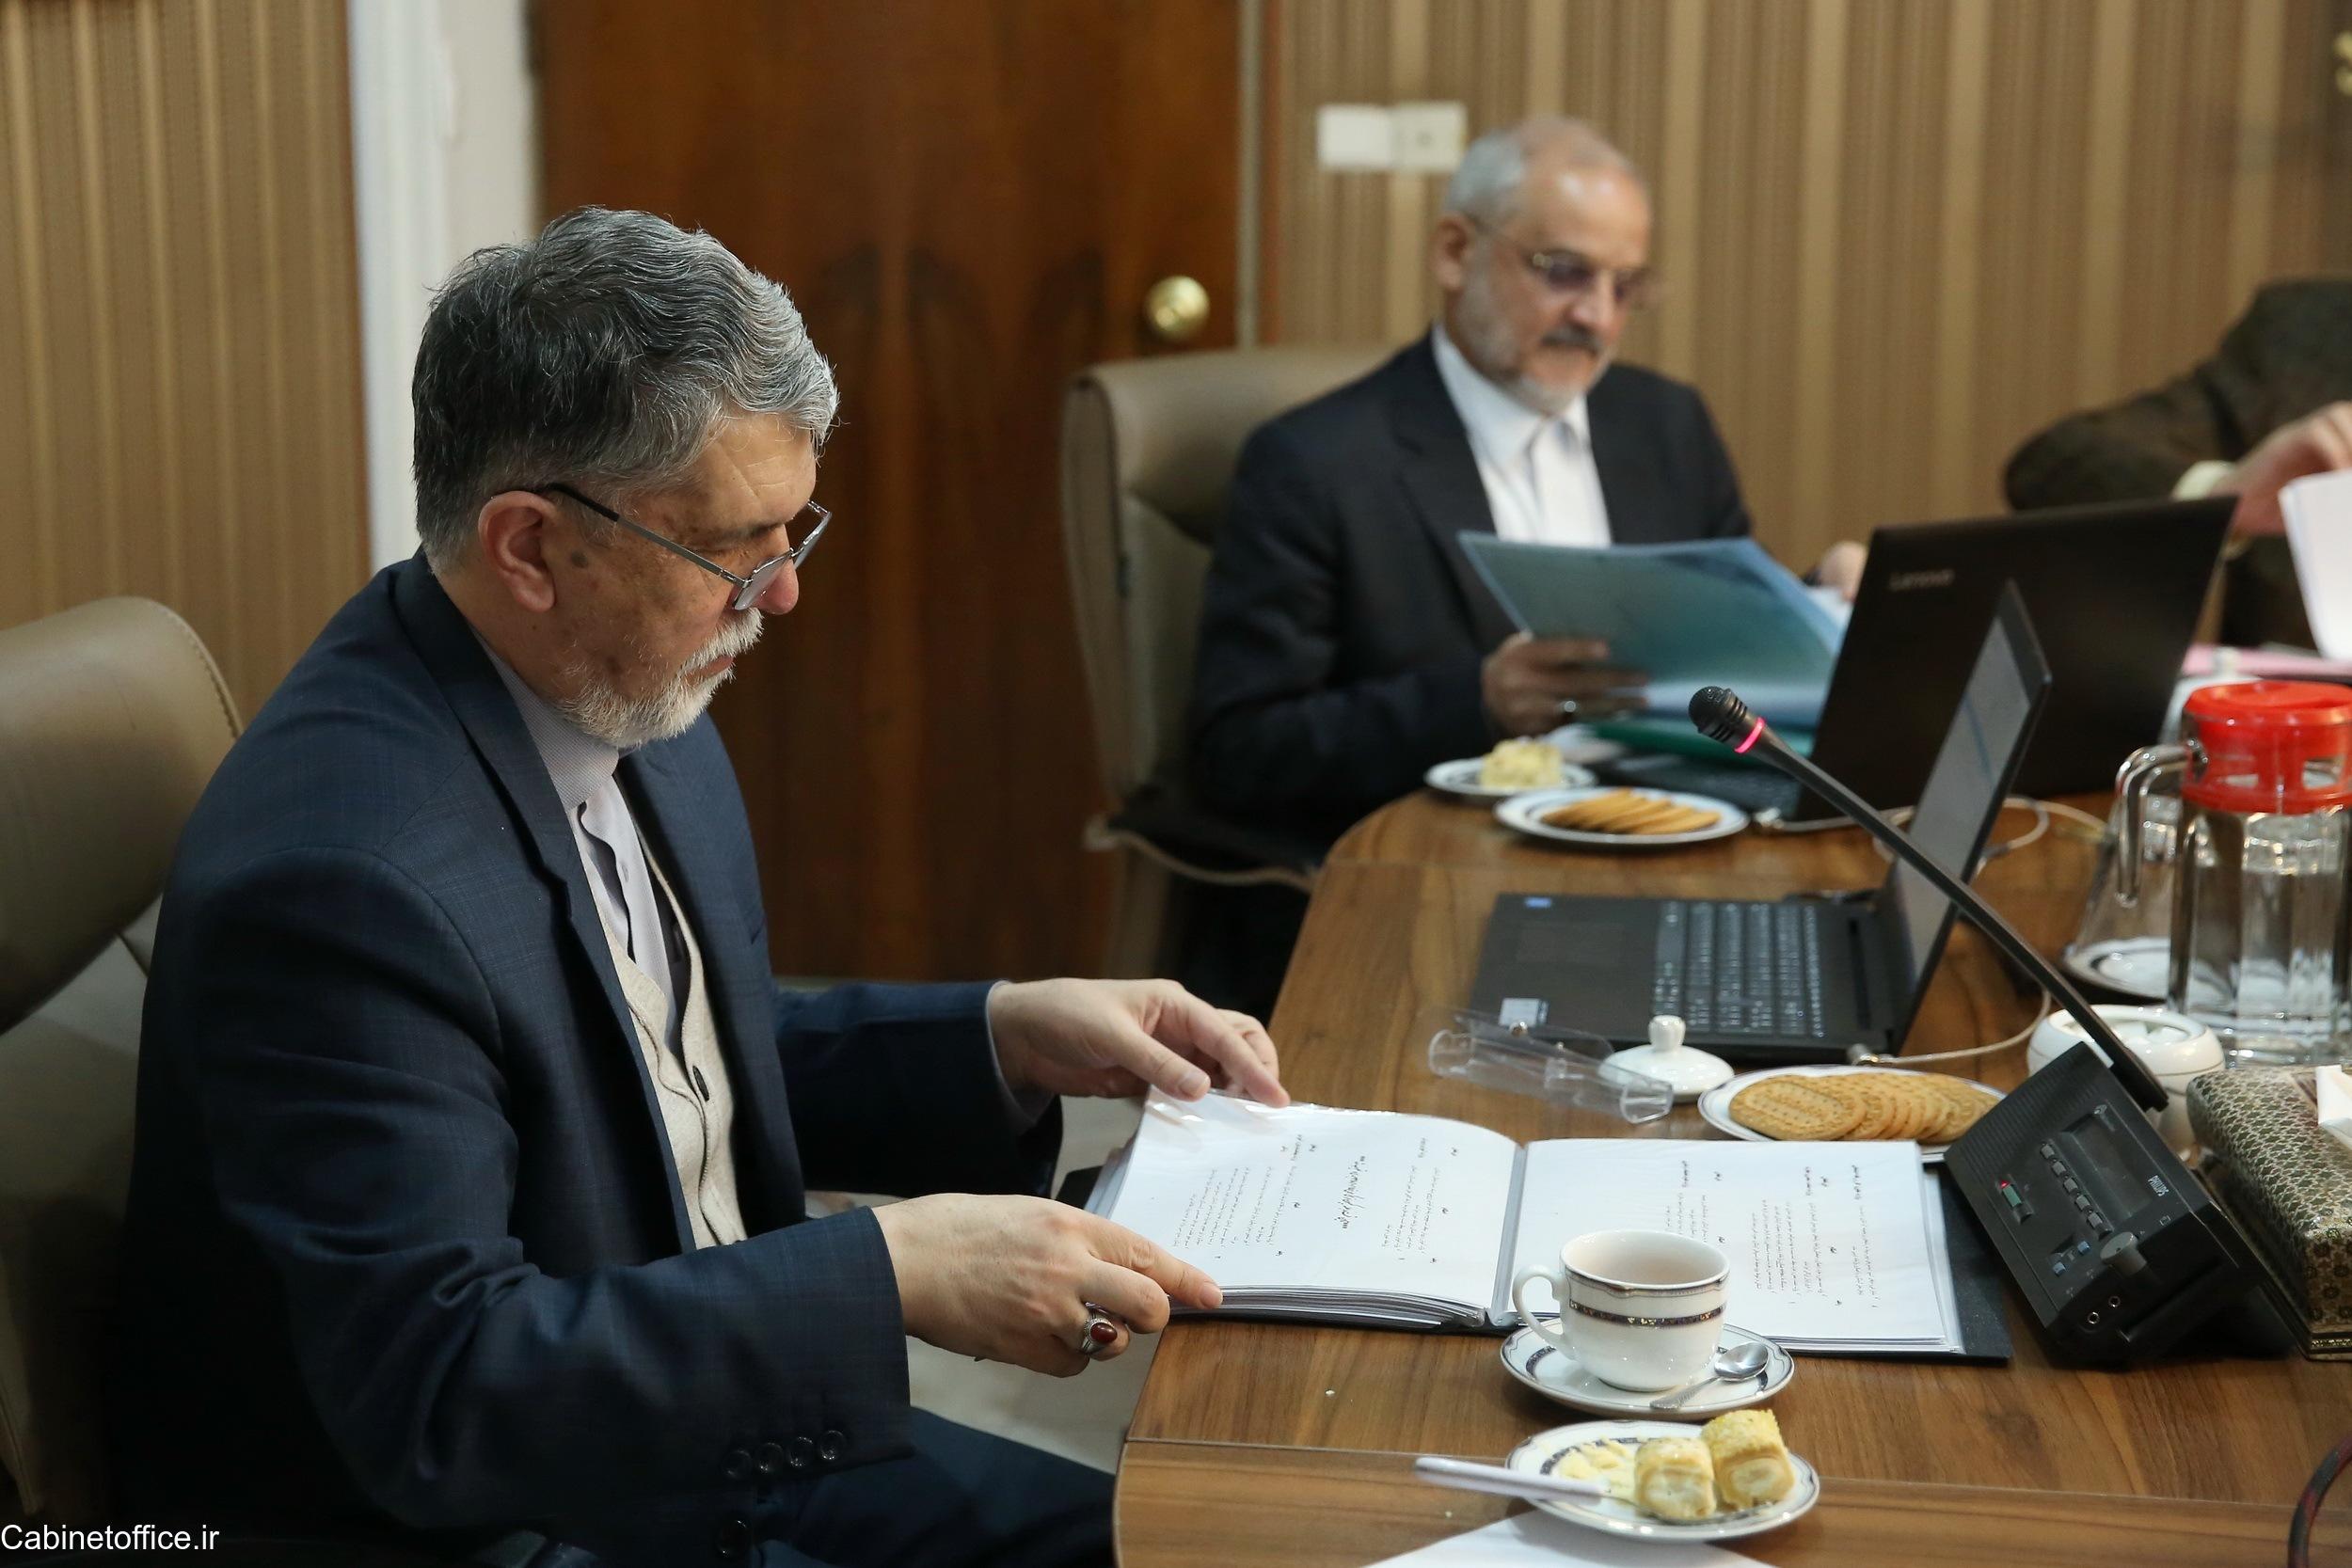 آیین نامه انضباط اجتماعی و ایمنی راهها در کمیسیون فرهنگی تصویب شد